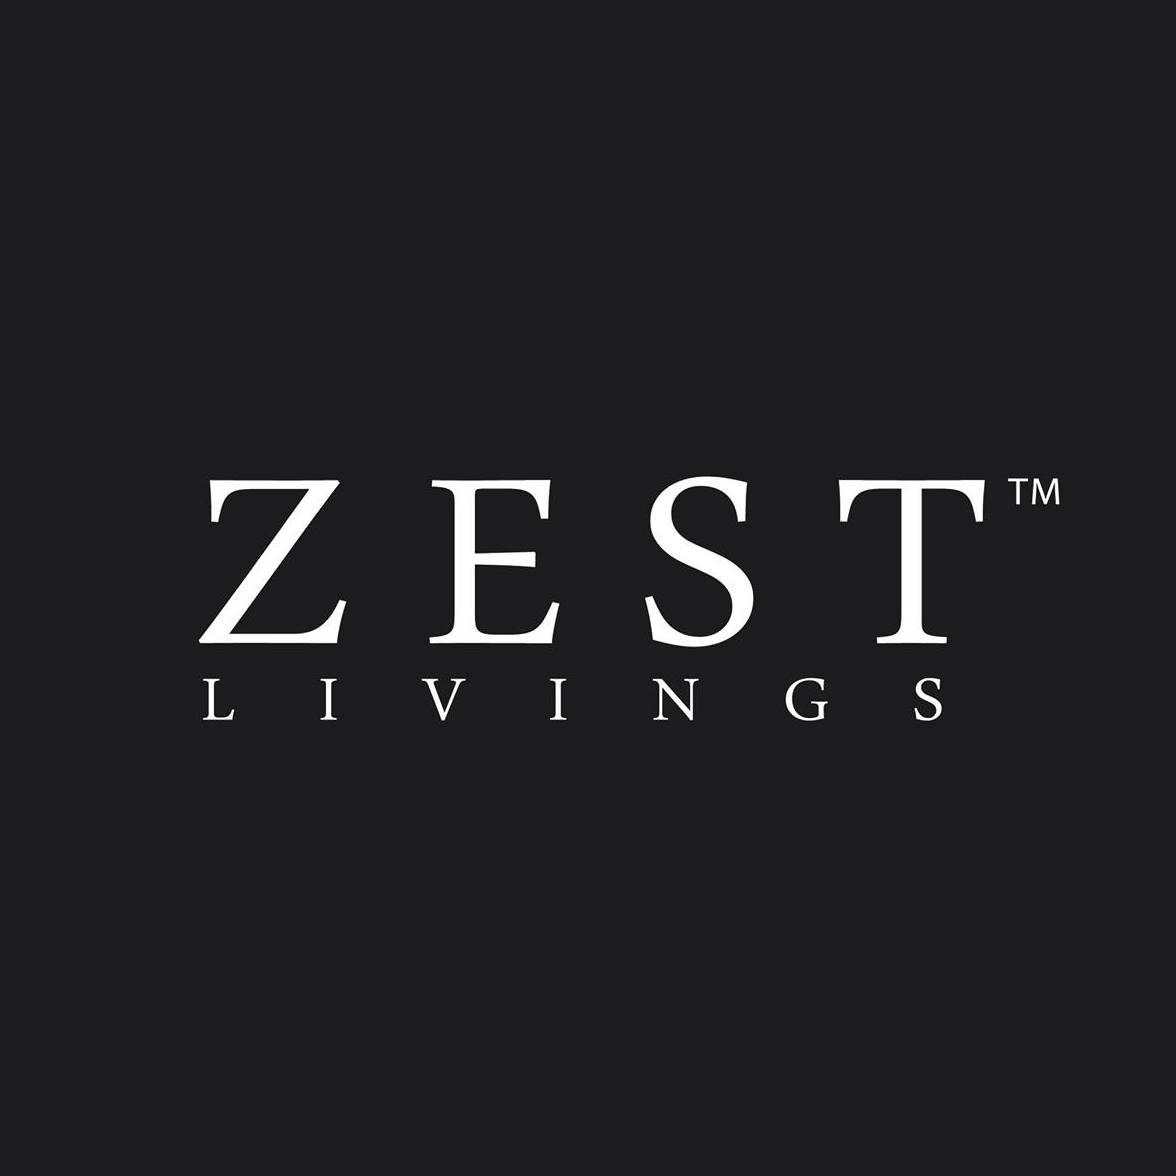 Zest Livings ONLINE